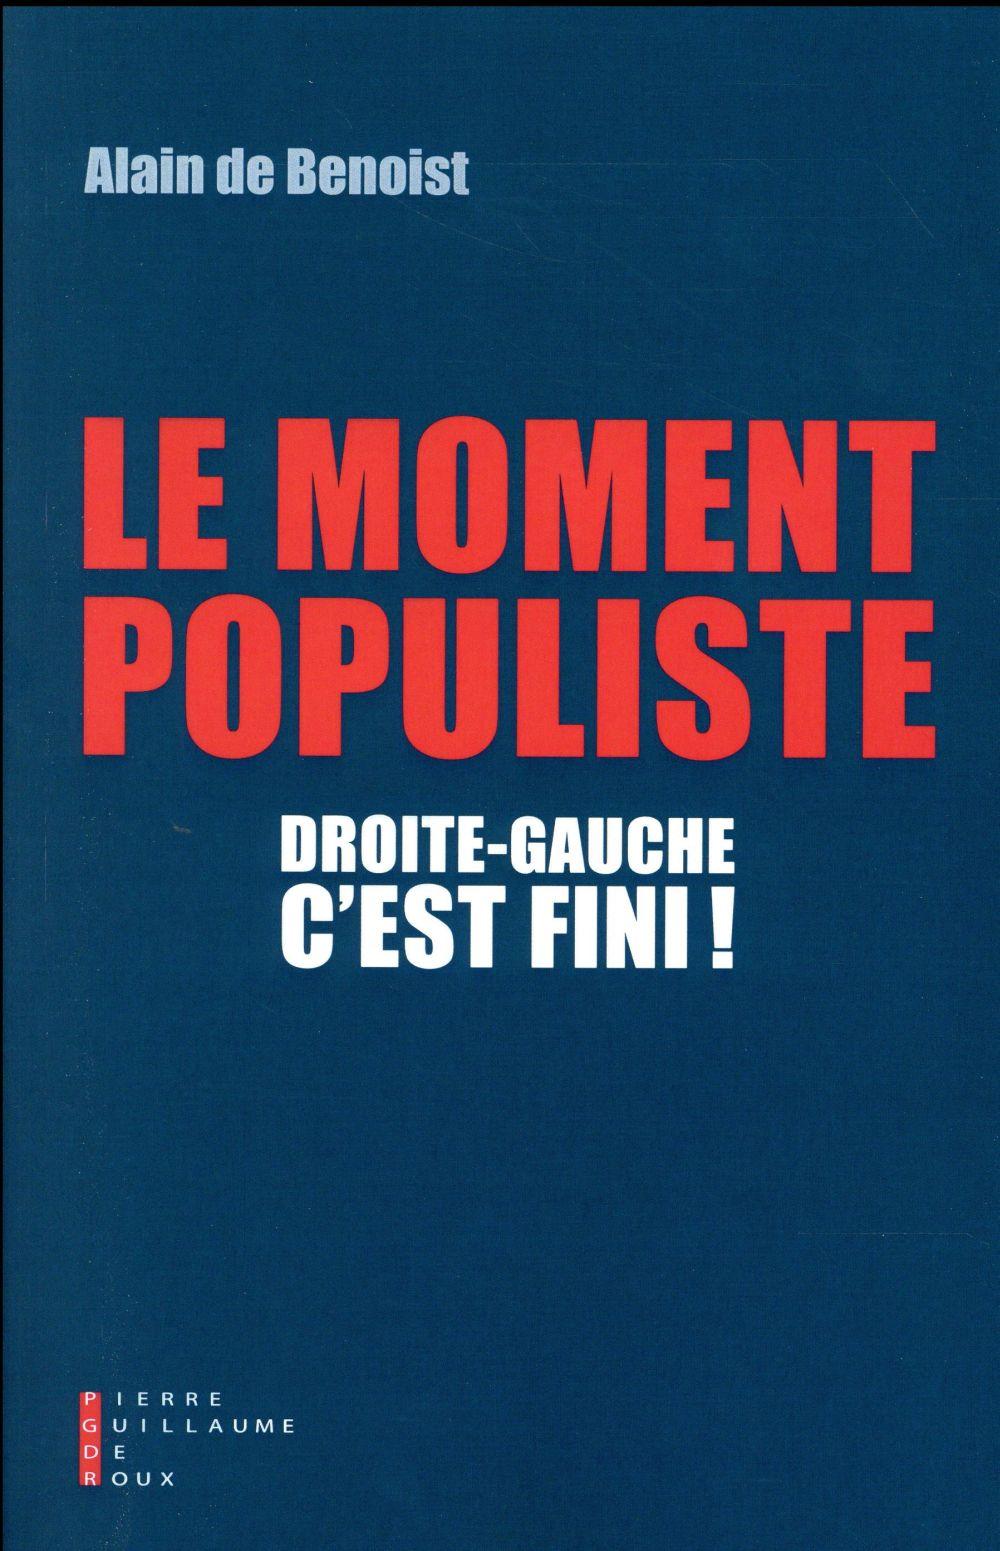 droite-gauche, c'est fini ! le moment populiste